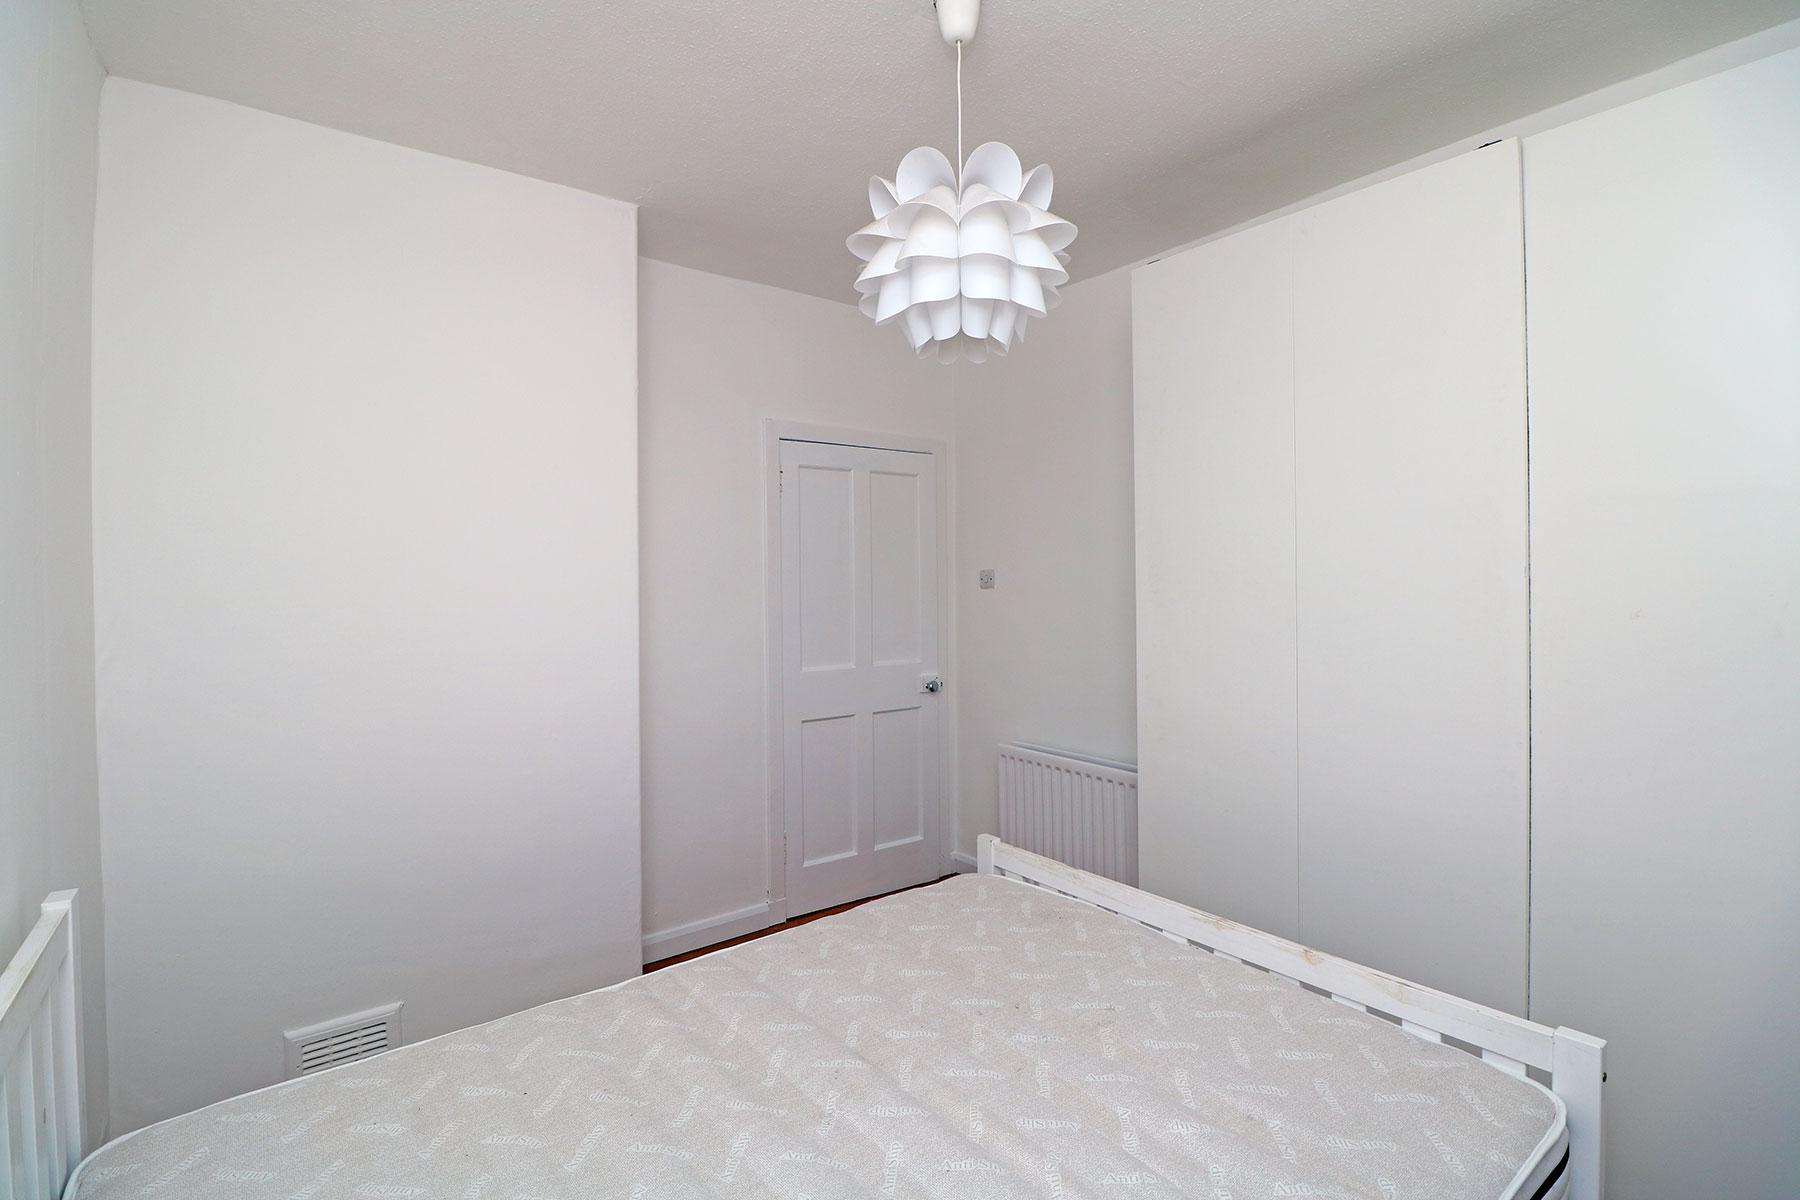 kerrsview-terrace-bedroom-1.2.jpg